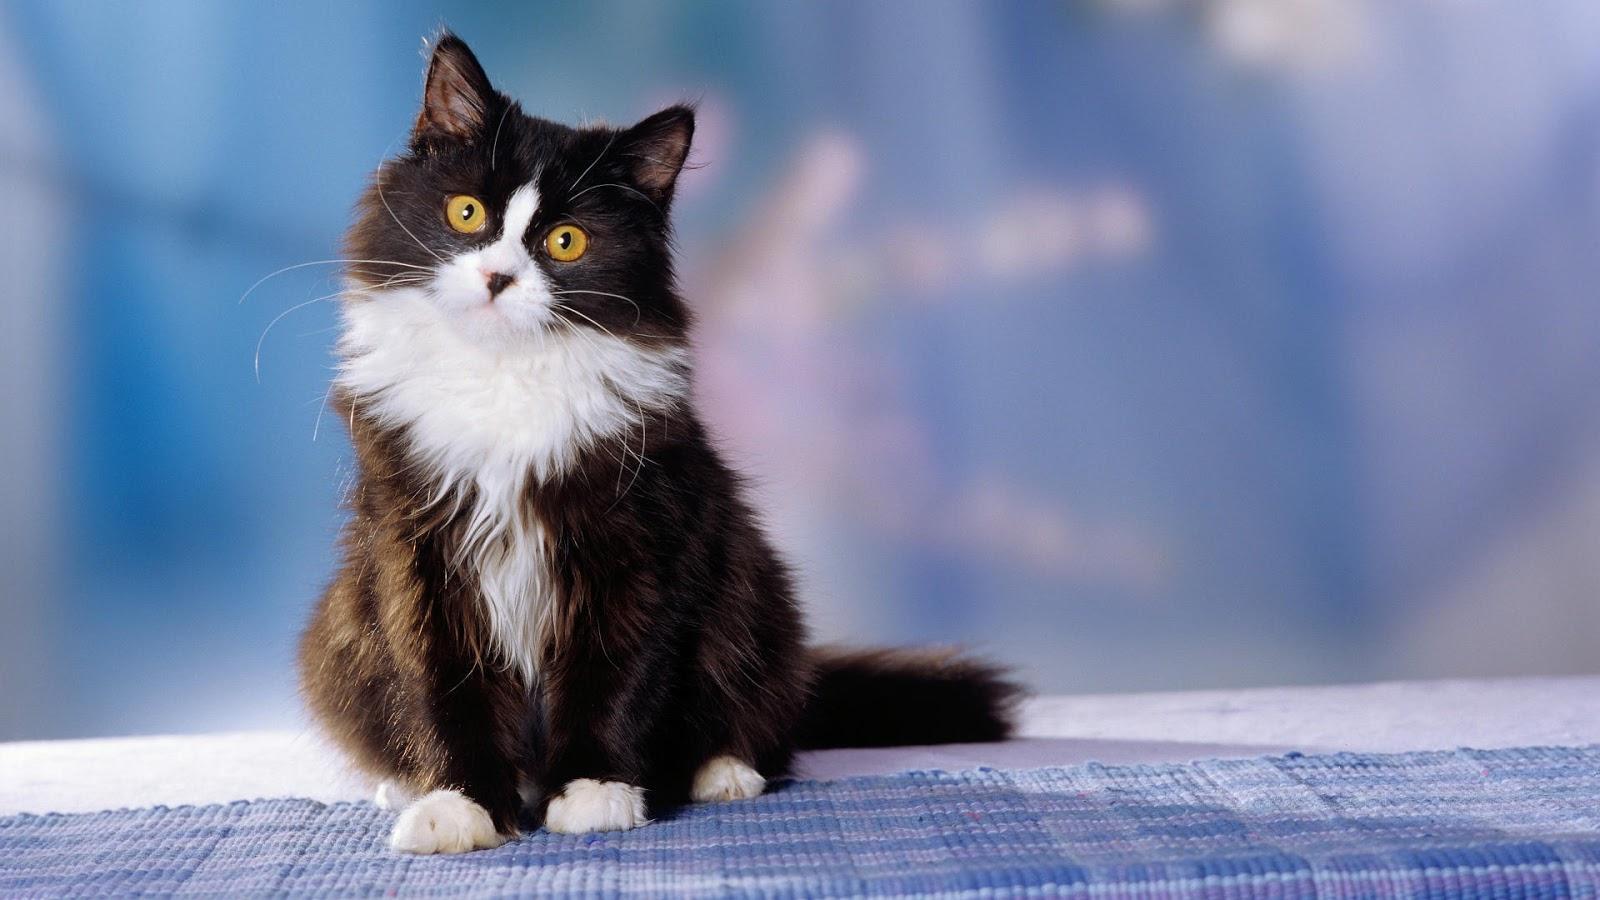 Magnifique chat fond d 39 cran hd fonds d 39 cran hd for Enregistrer image ecran